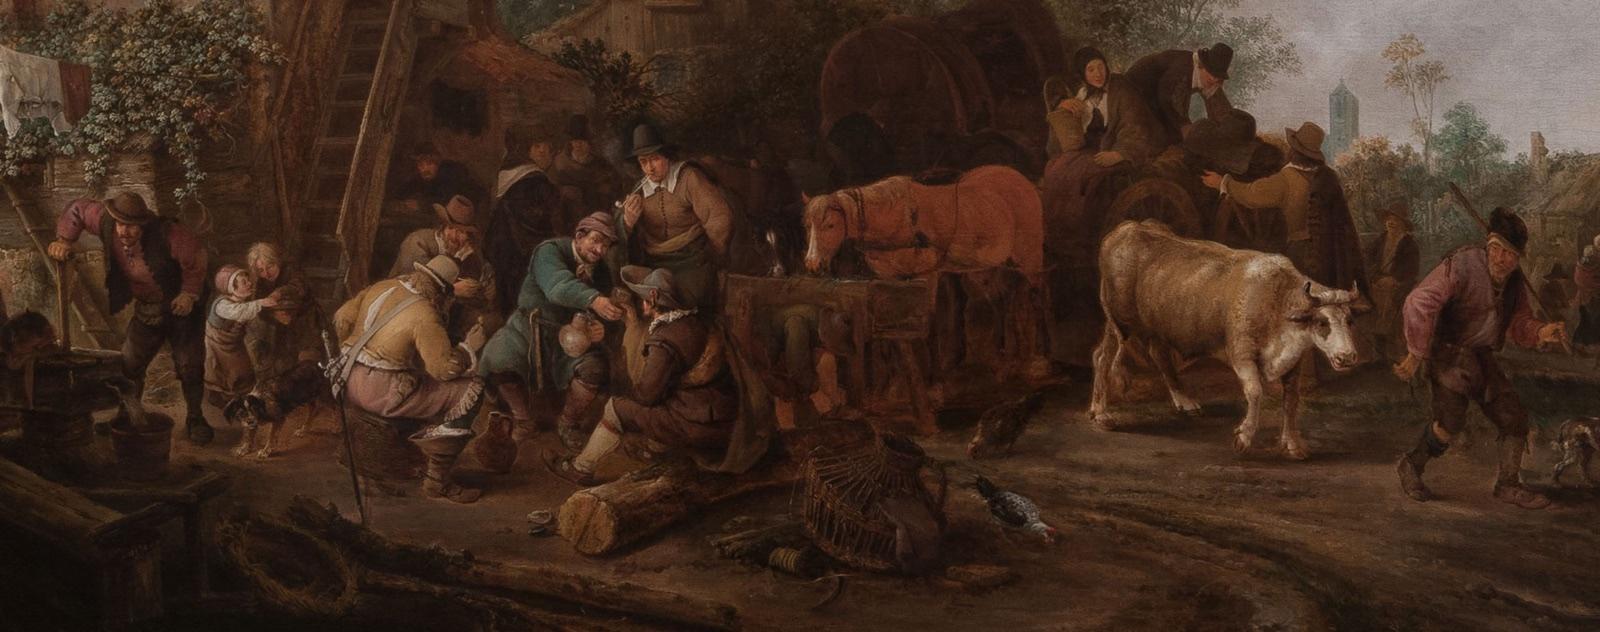 """""""Figuras afuera de una posada"""", 1647, de Isack van Ostade (1621-1649) ha sido reconocido desde hace tiempo como uno de los mejores ejemplos de la obra de Isack van Ostade, admirado tanto por su vivacidad y variedad de detalles como por la calidez de su colorido y su magistral disposición de luces y sombras."""